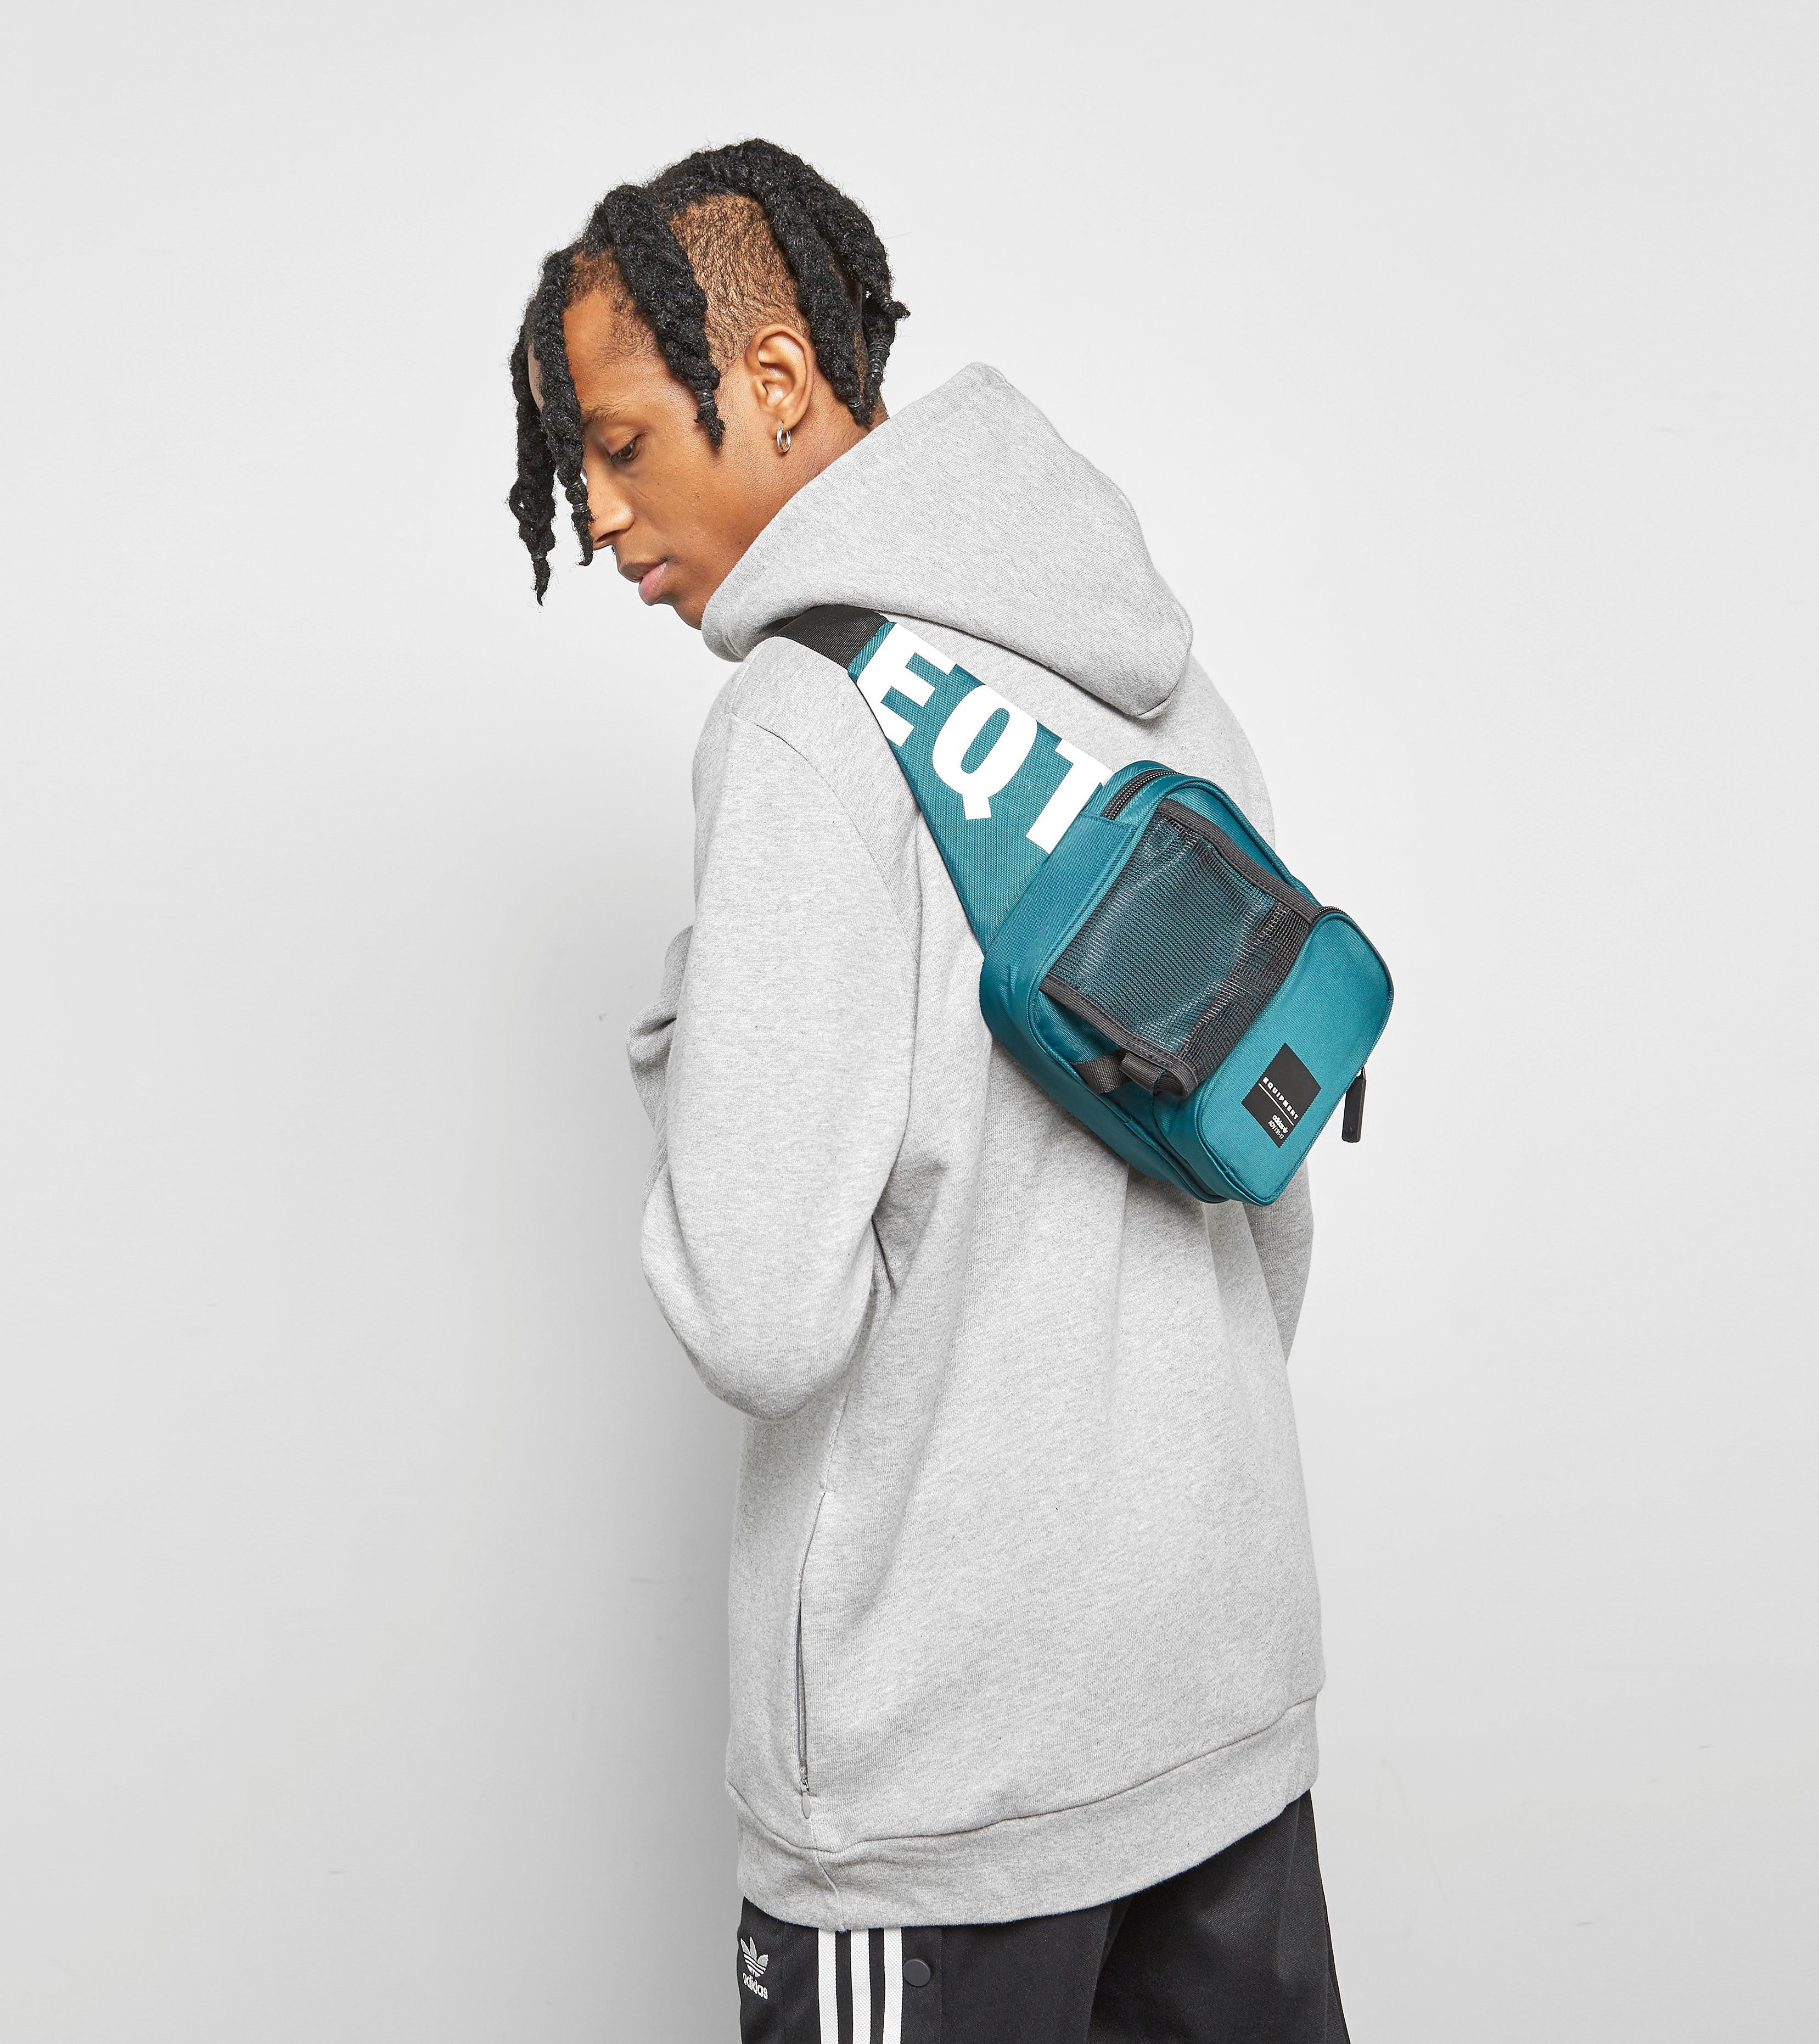 adidas Originals EQT Side Bag